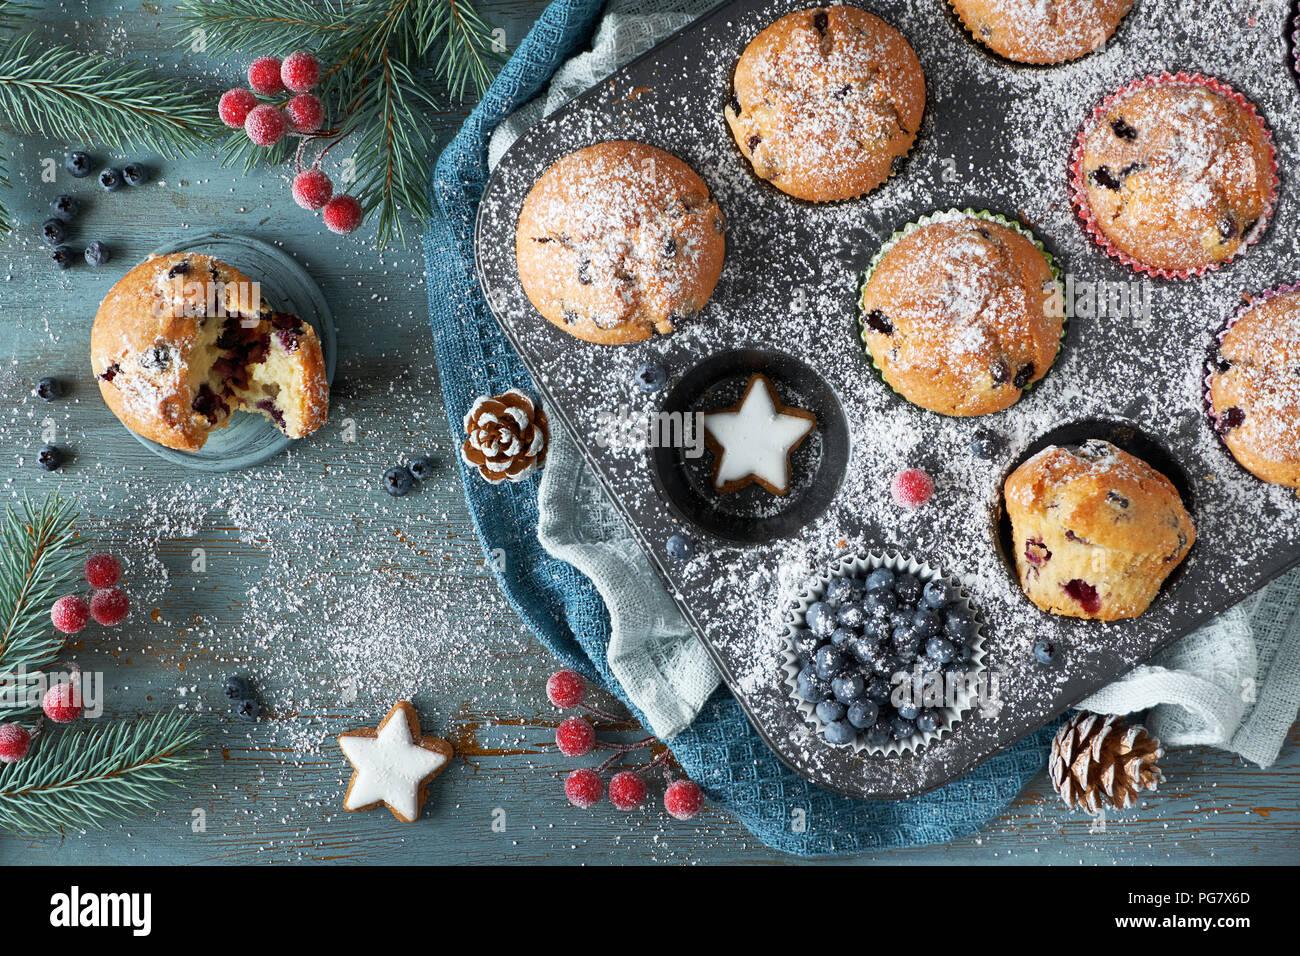 Blueberry muffins con azúcar glas en una bandeja para hornear con decoraciones de Navidad alrededor, plana lay, vista desde arriba Imagen De Stock